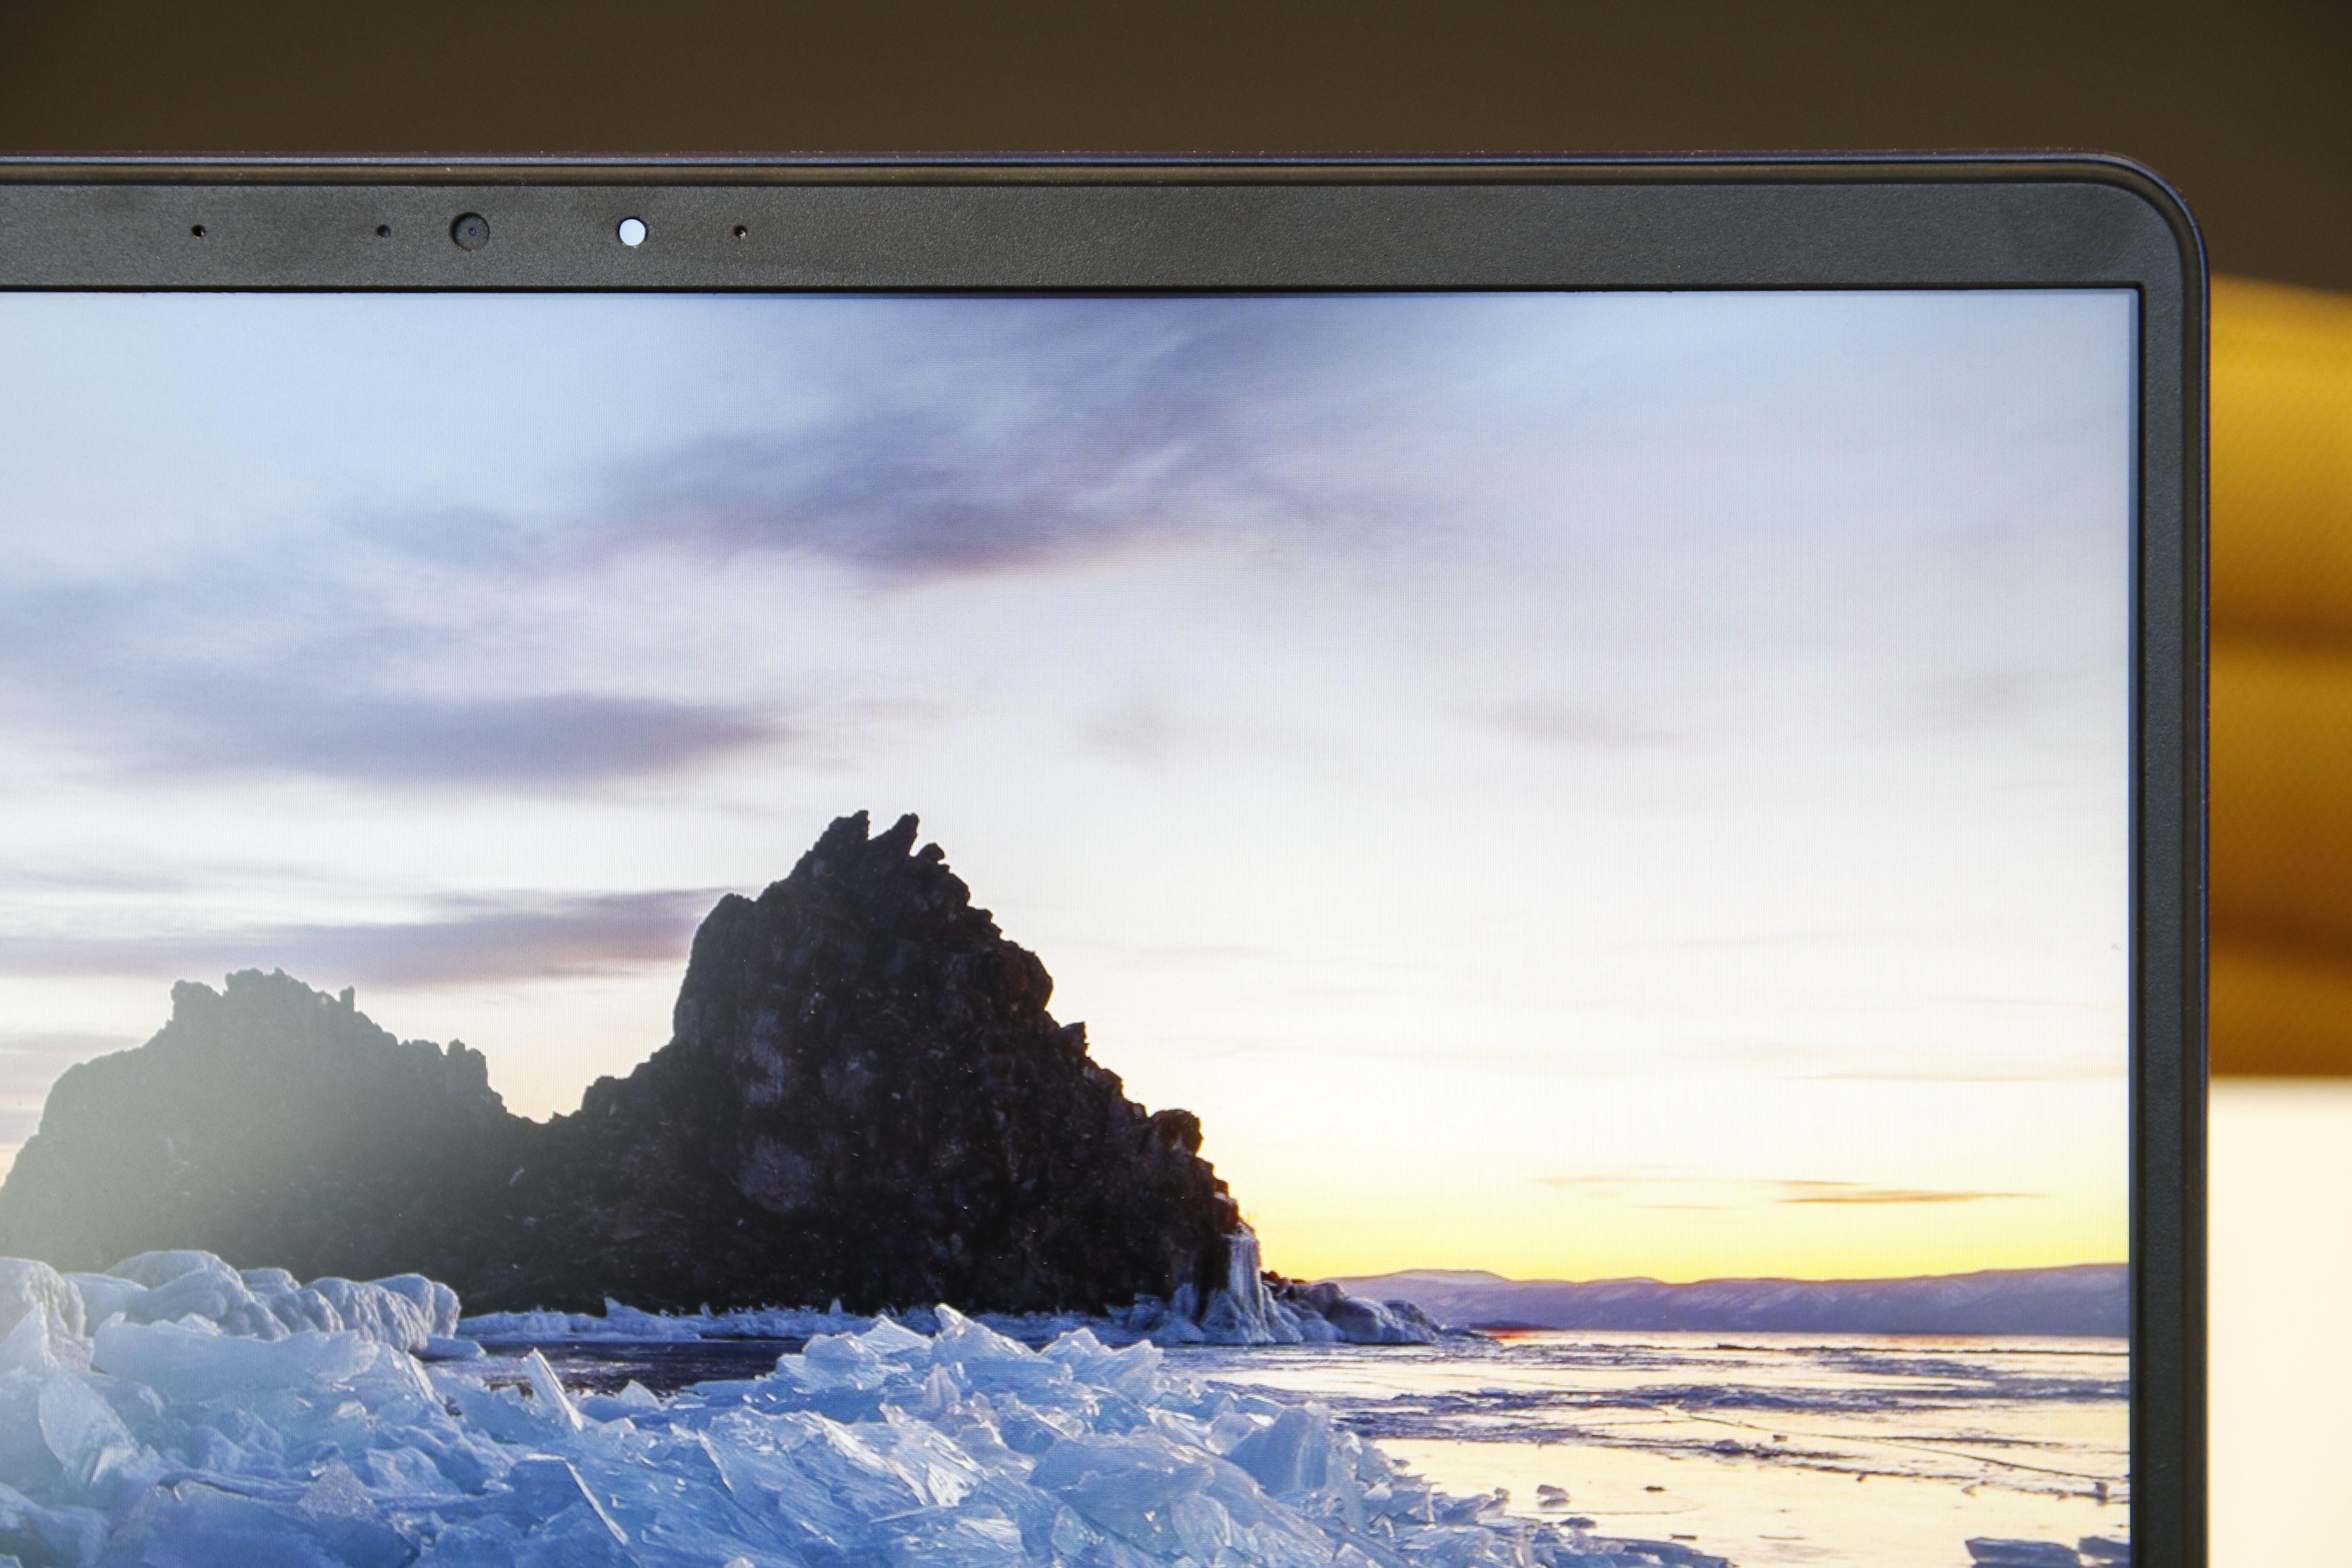 Du får tynne skjermrammer og et matt panel med gode og aldri overdrevet mettede farger.